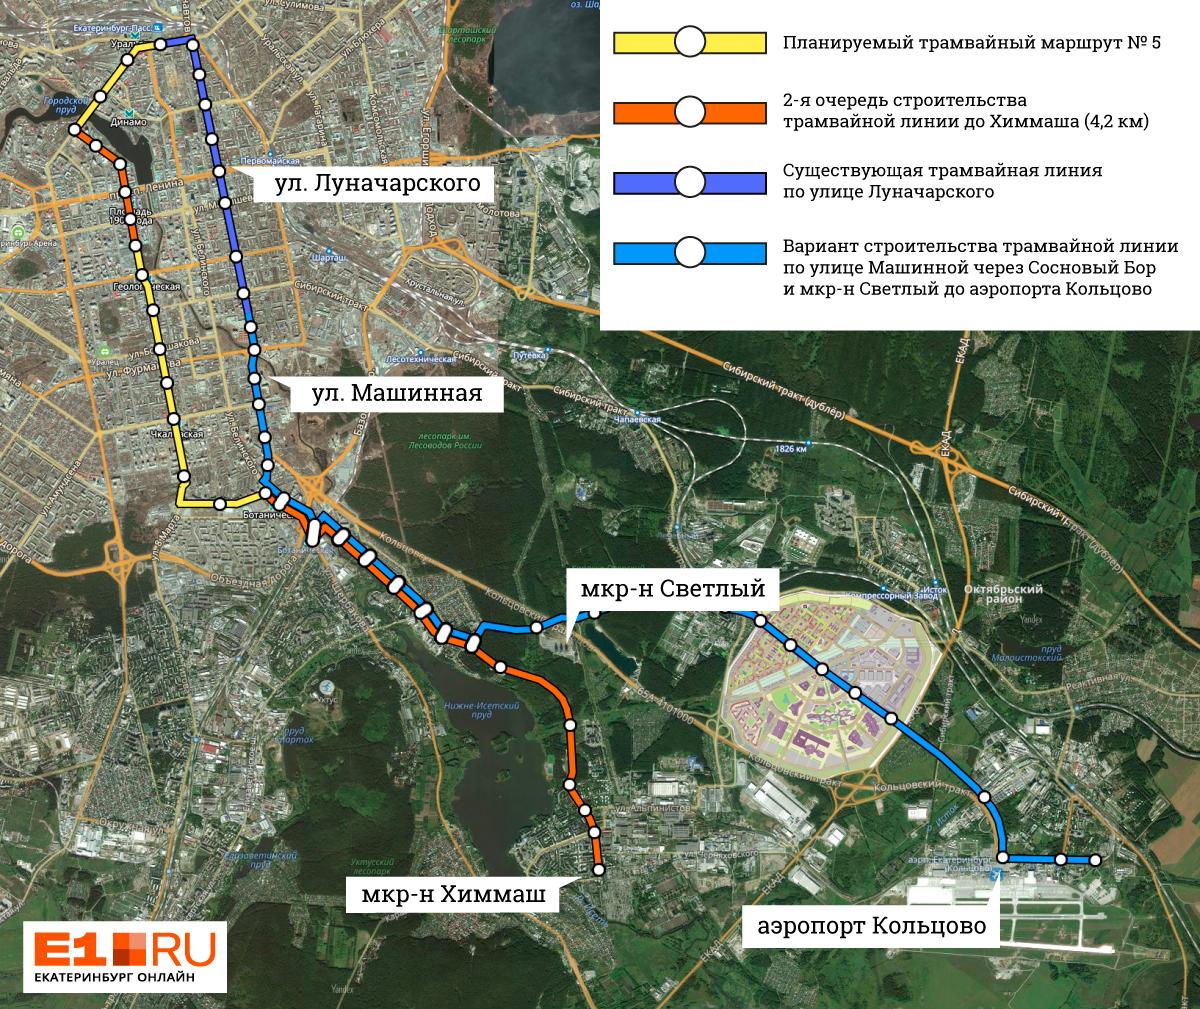 Схема, предложенная Владимиром в прошлом году